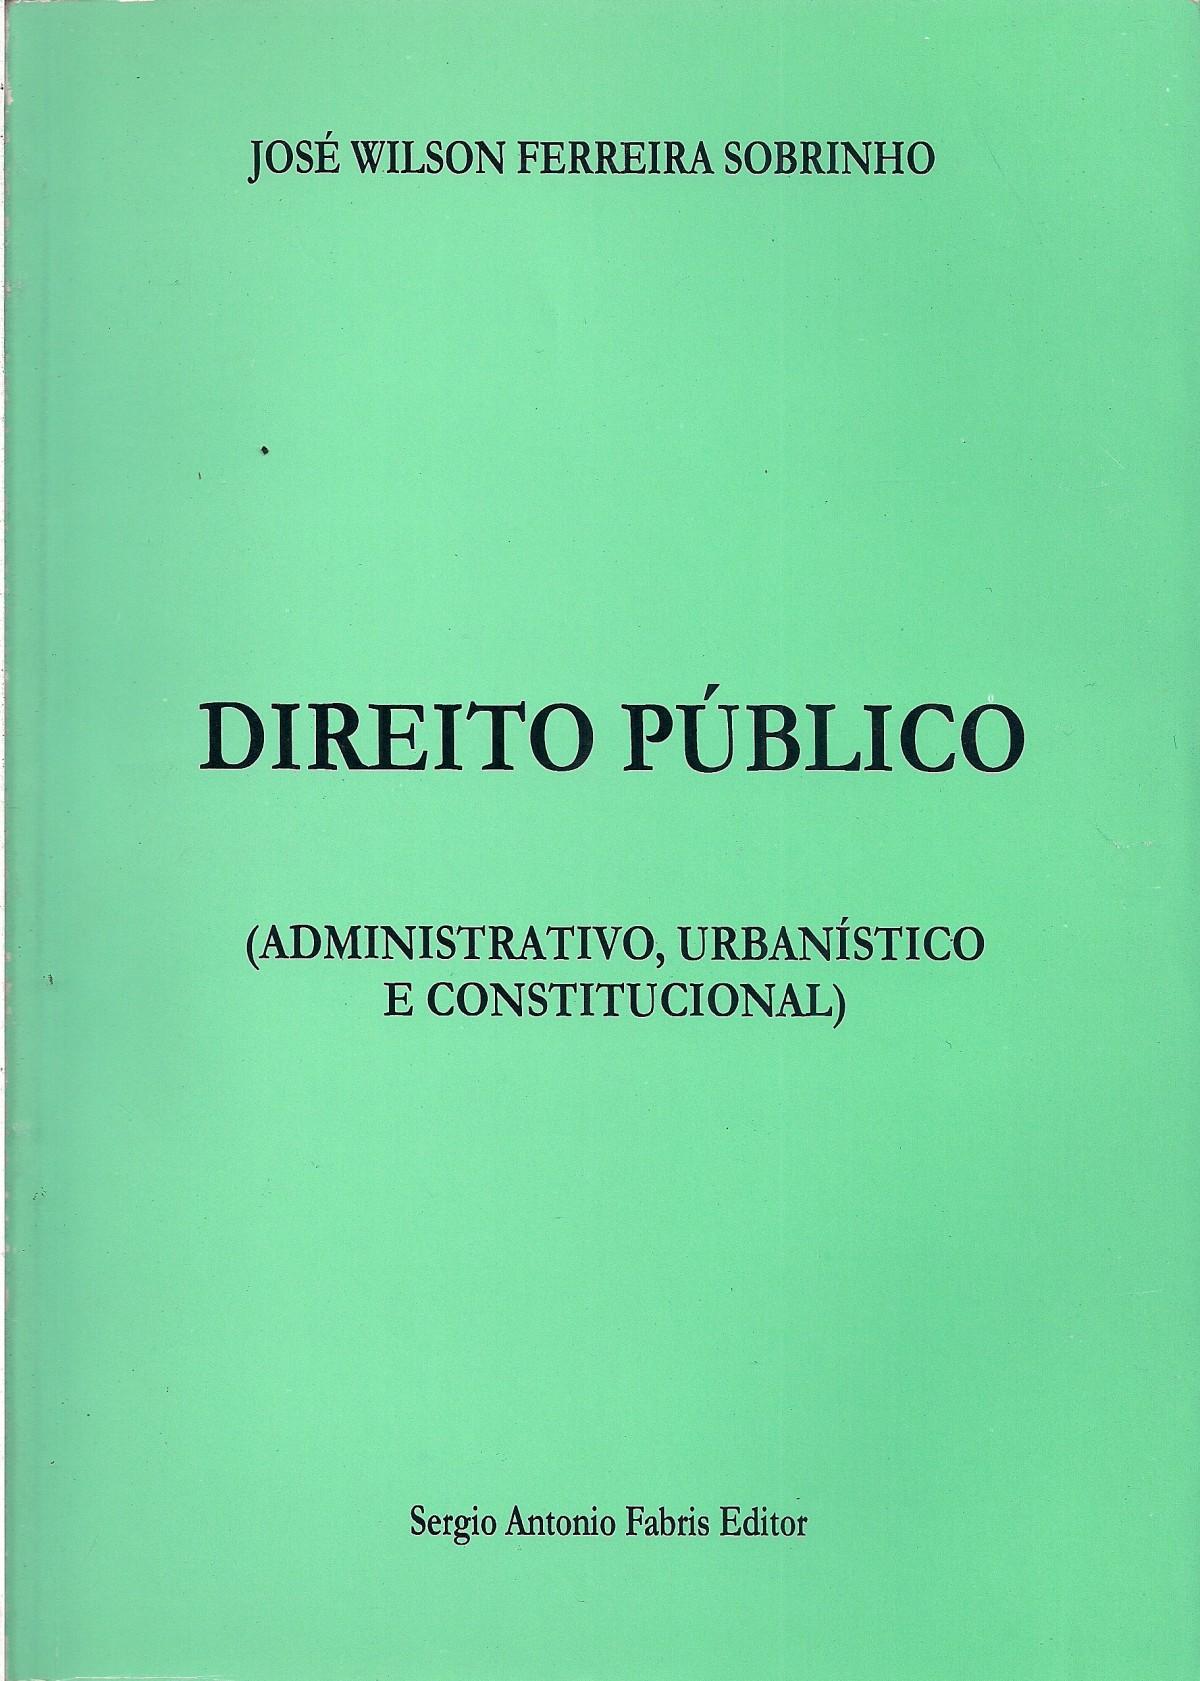 Foto 1 - Direito Público (Administrativo, Urbanístico, Constitucional)